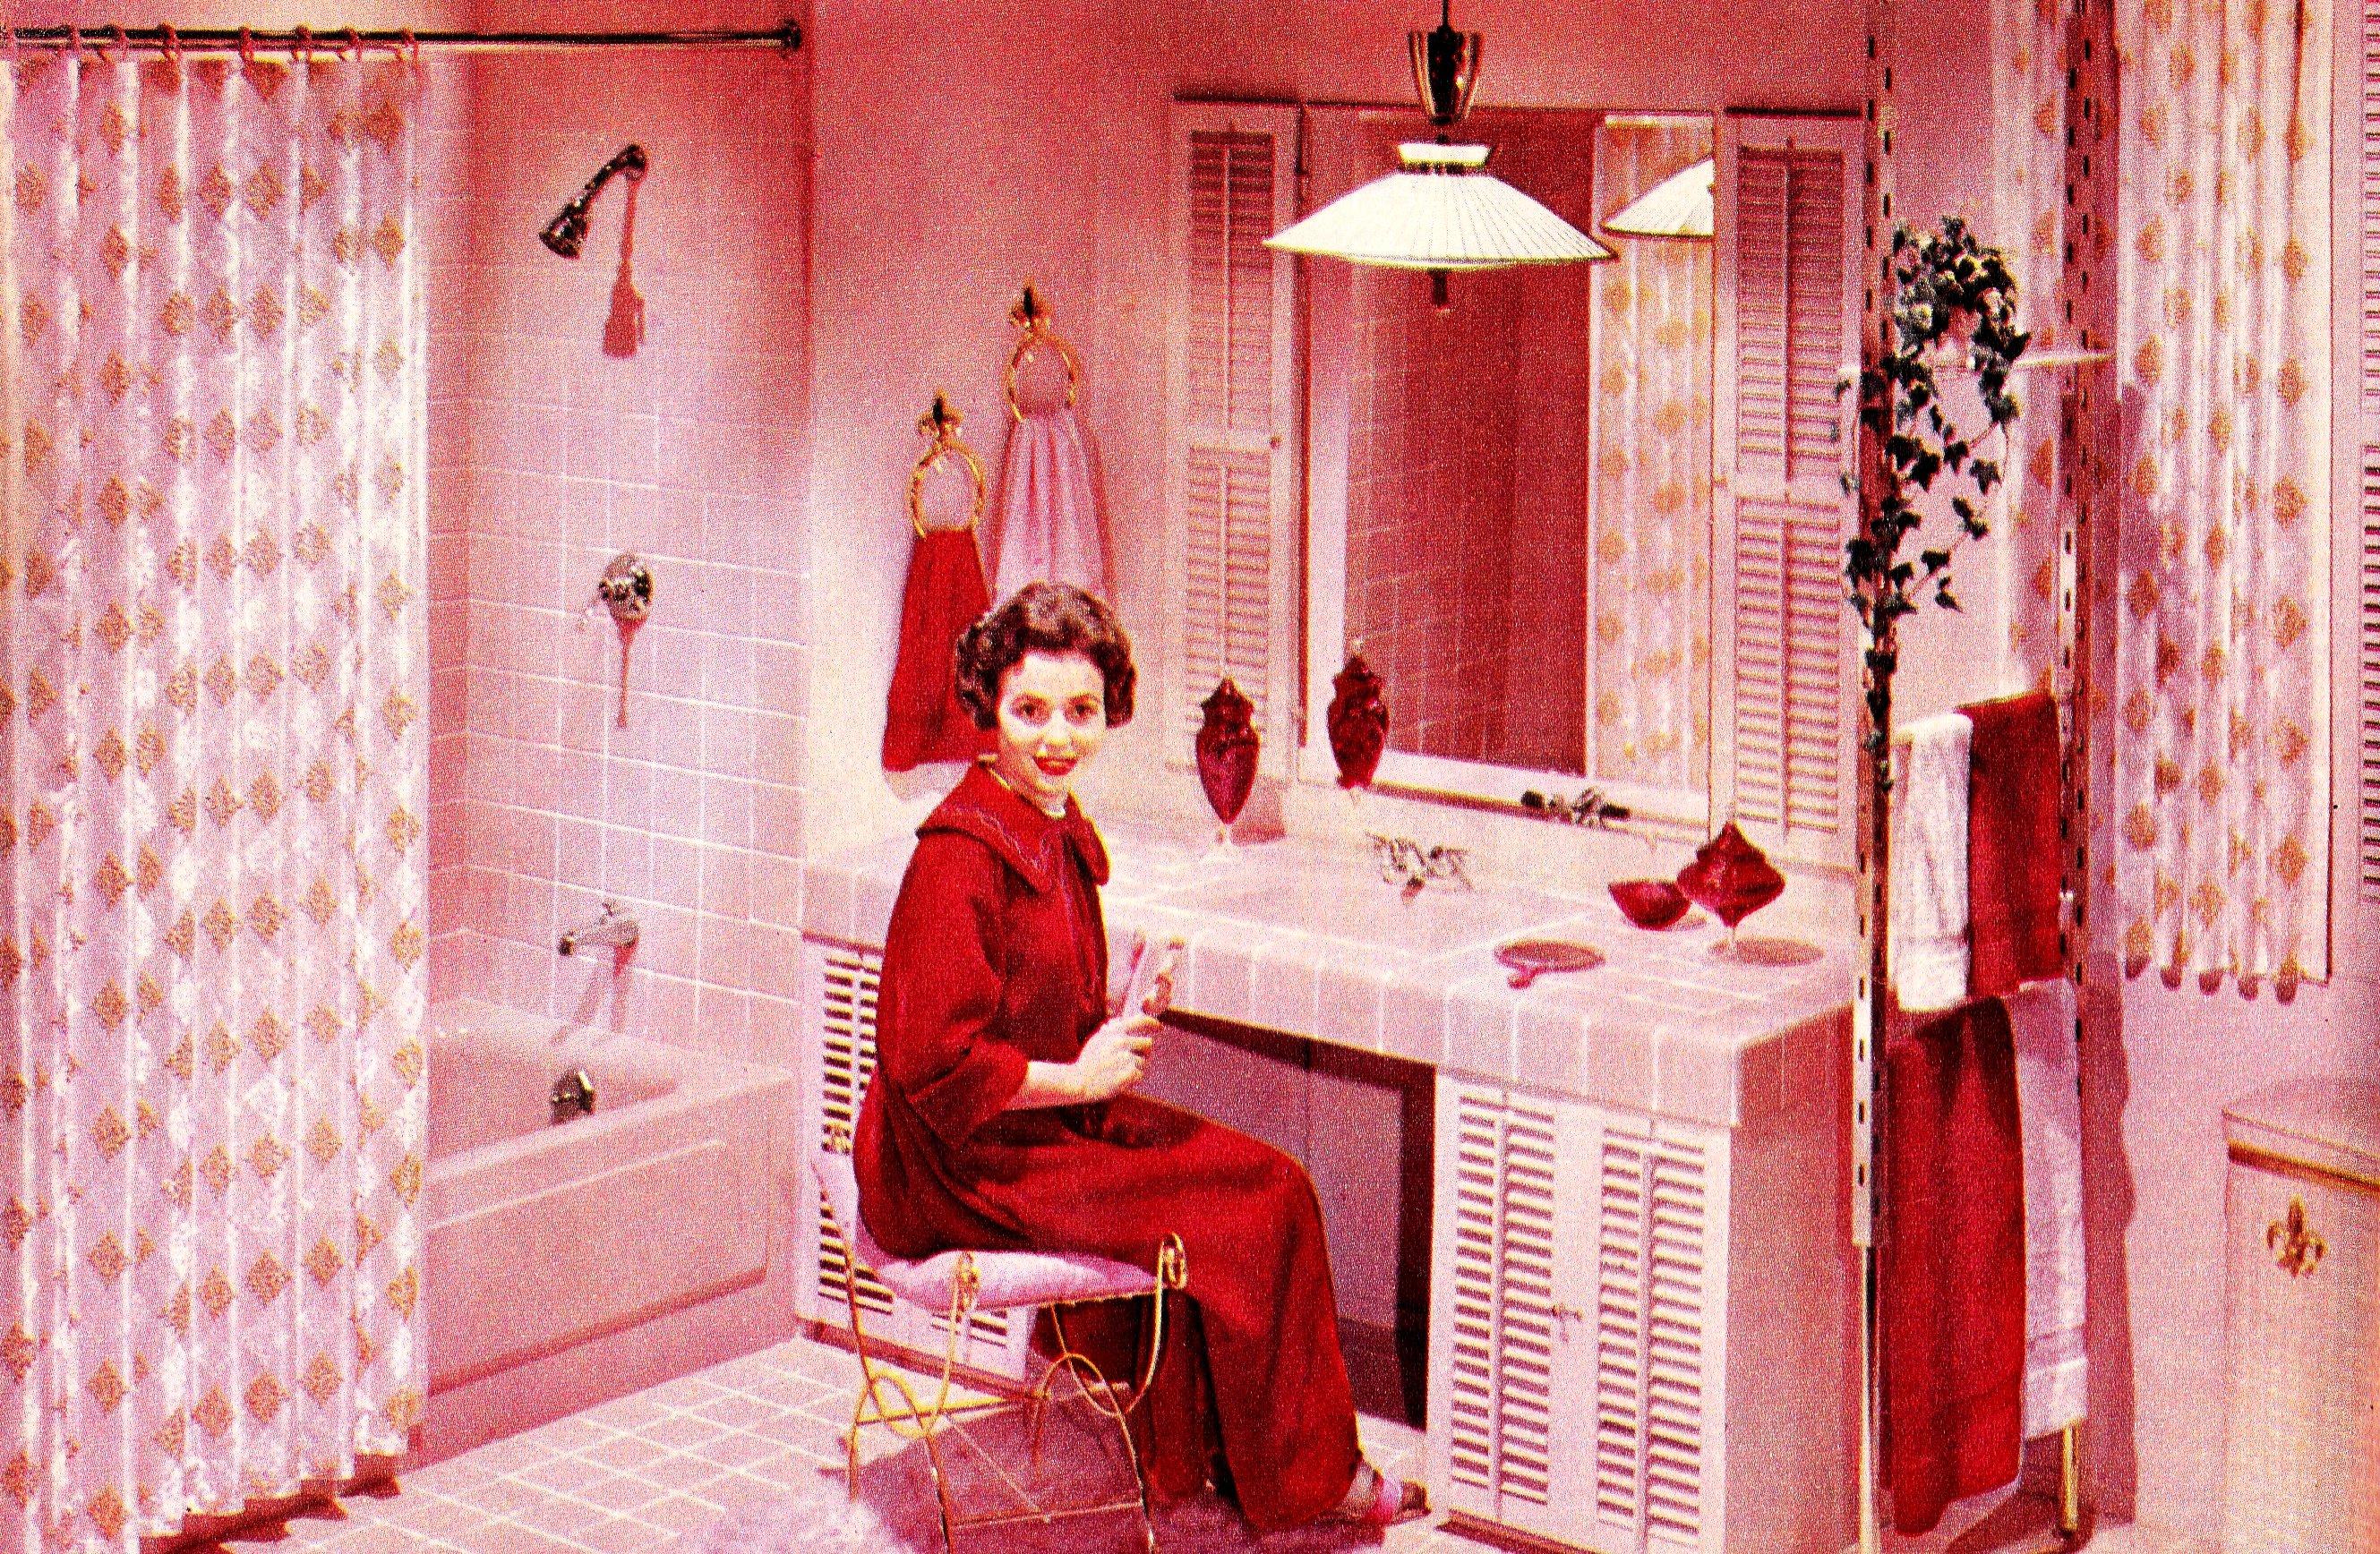 Wallpaper Pink Red Vintage Magazine Bathroom Sink Vanity Ad